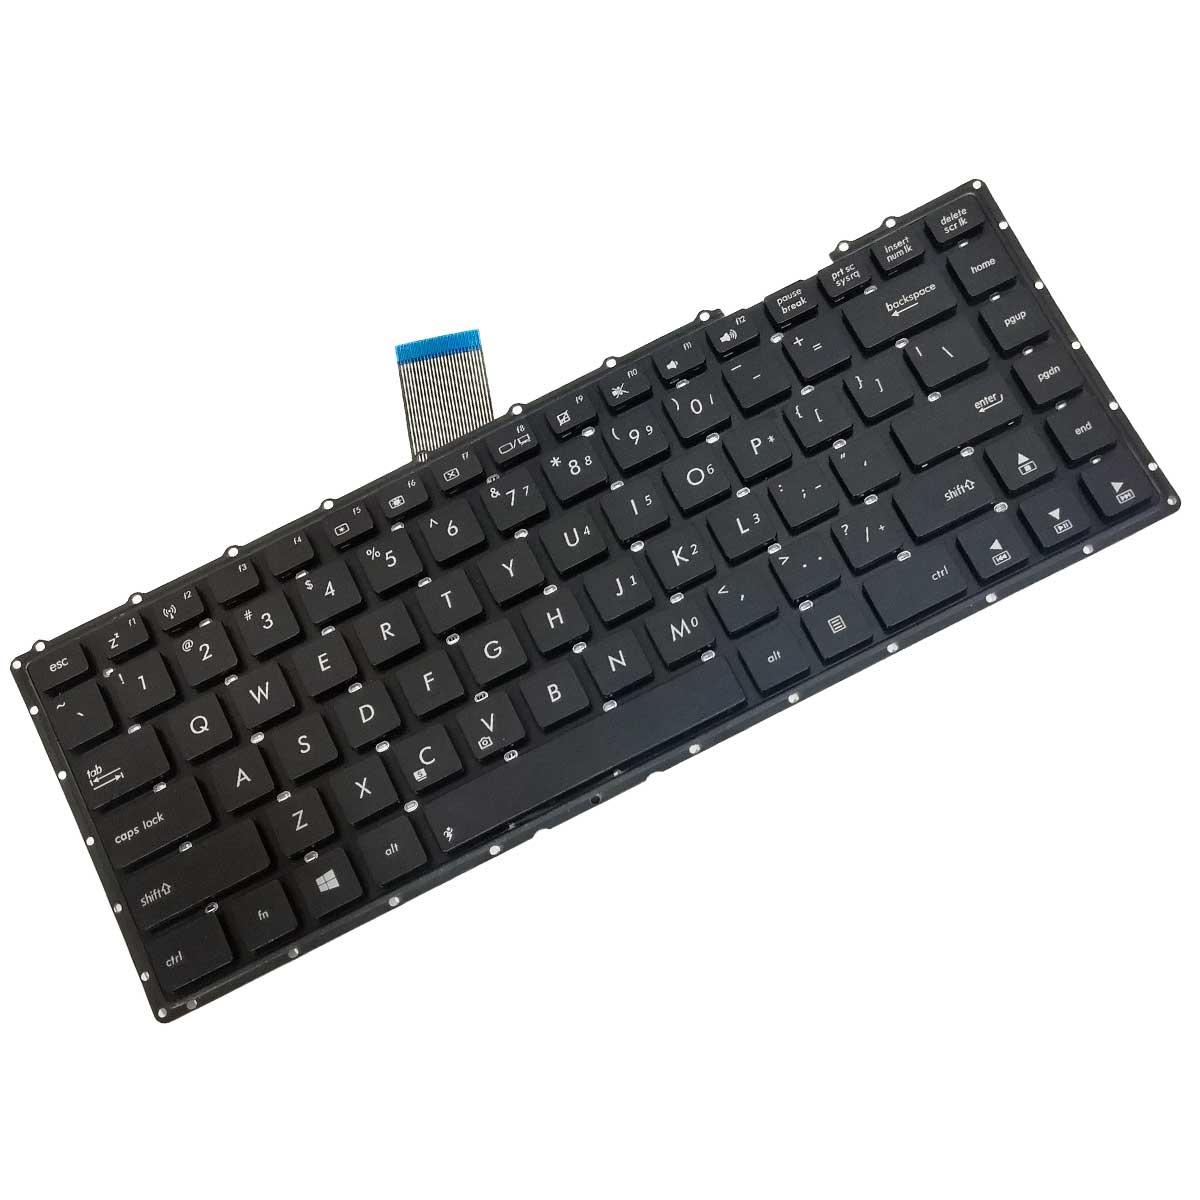 کیبورد لپ تاپ ایسوس Keyboard Laptop ASUS X450